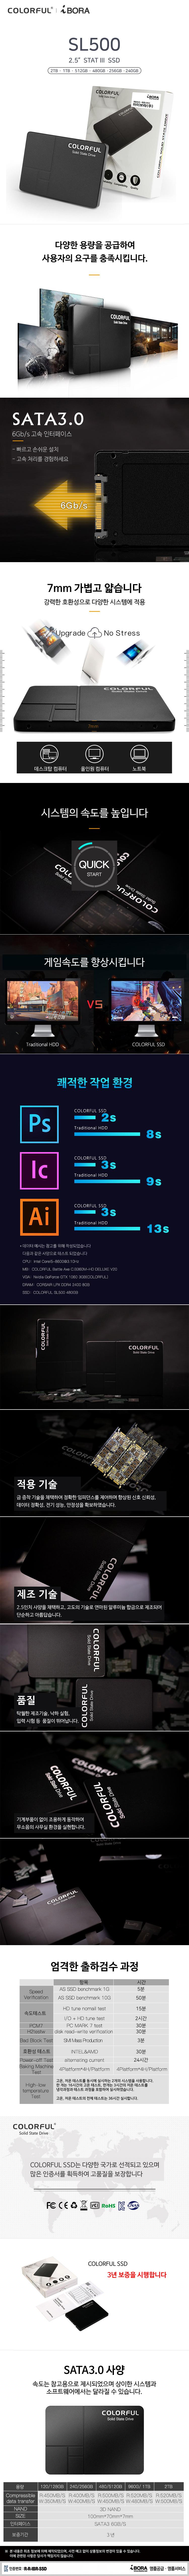 COLORFUL SL500 아이보라 (240GB)